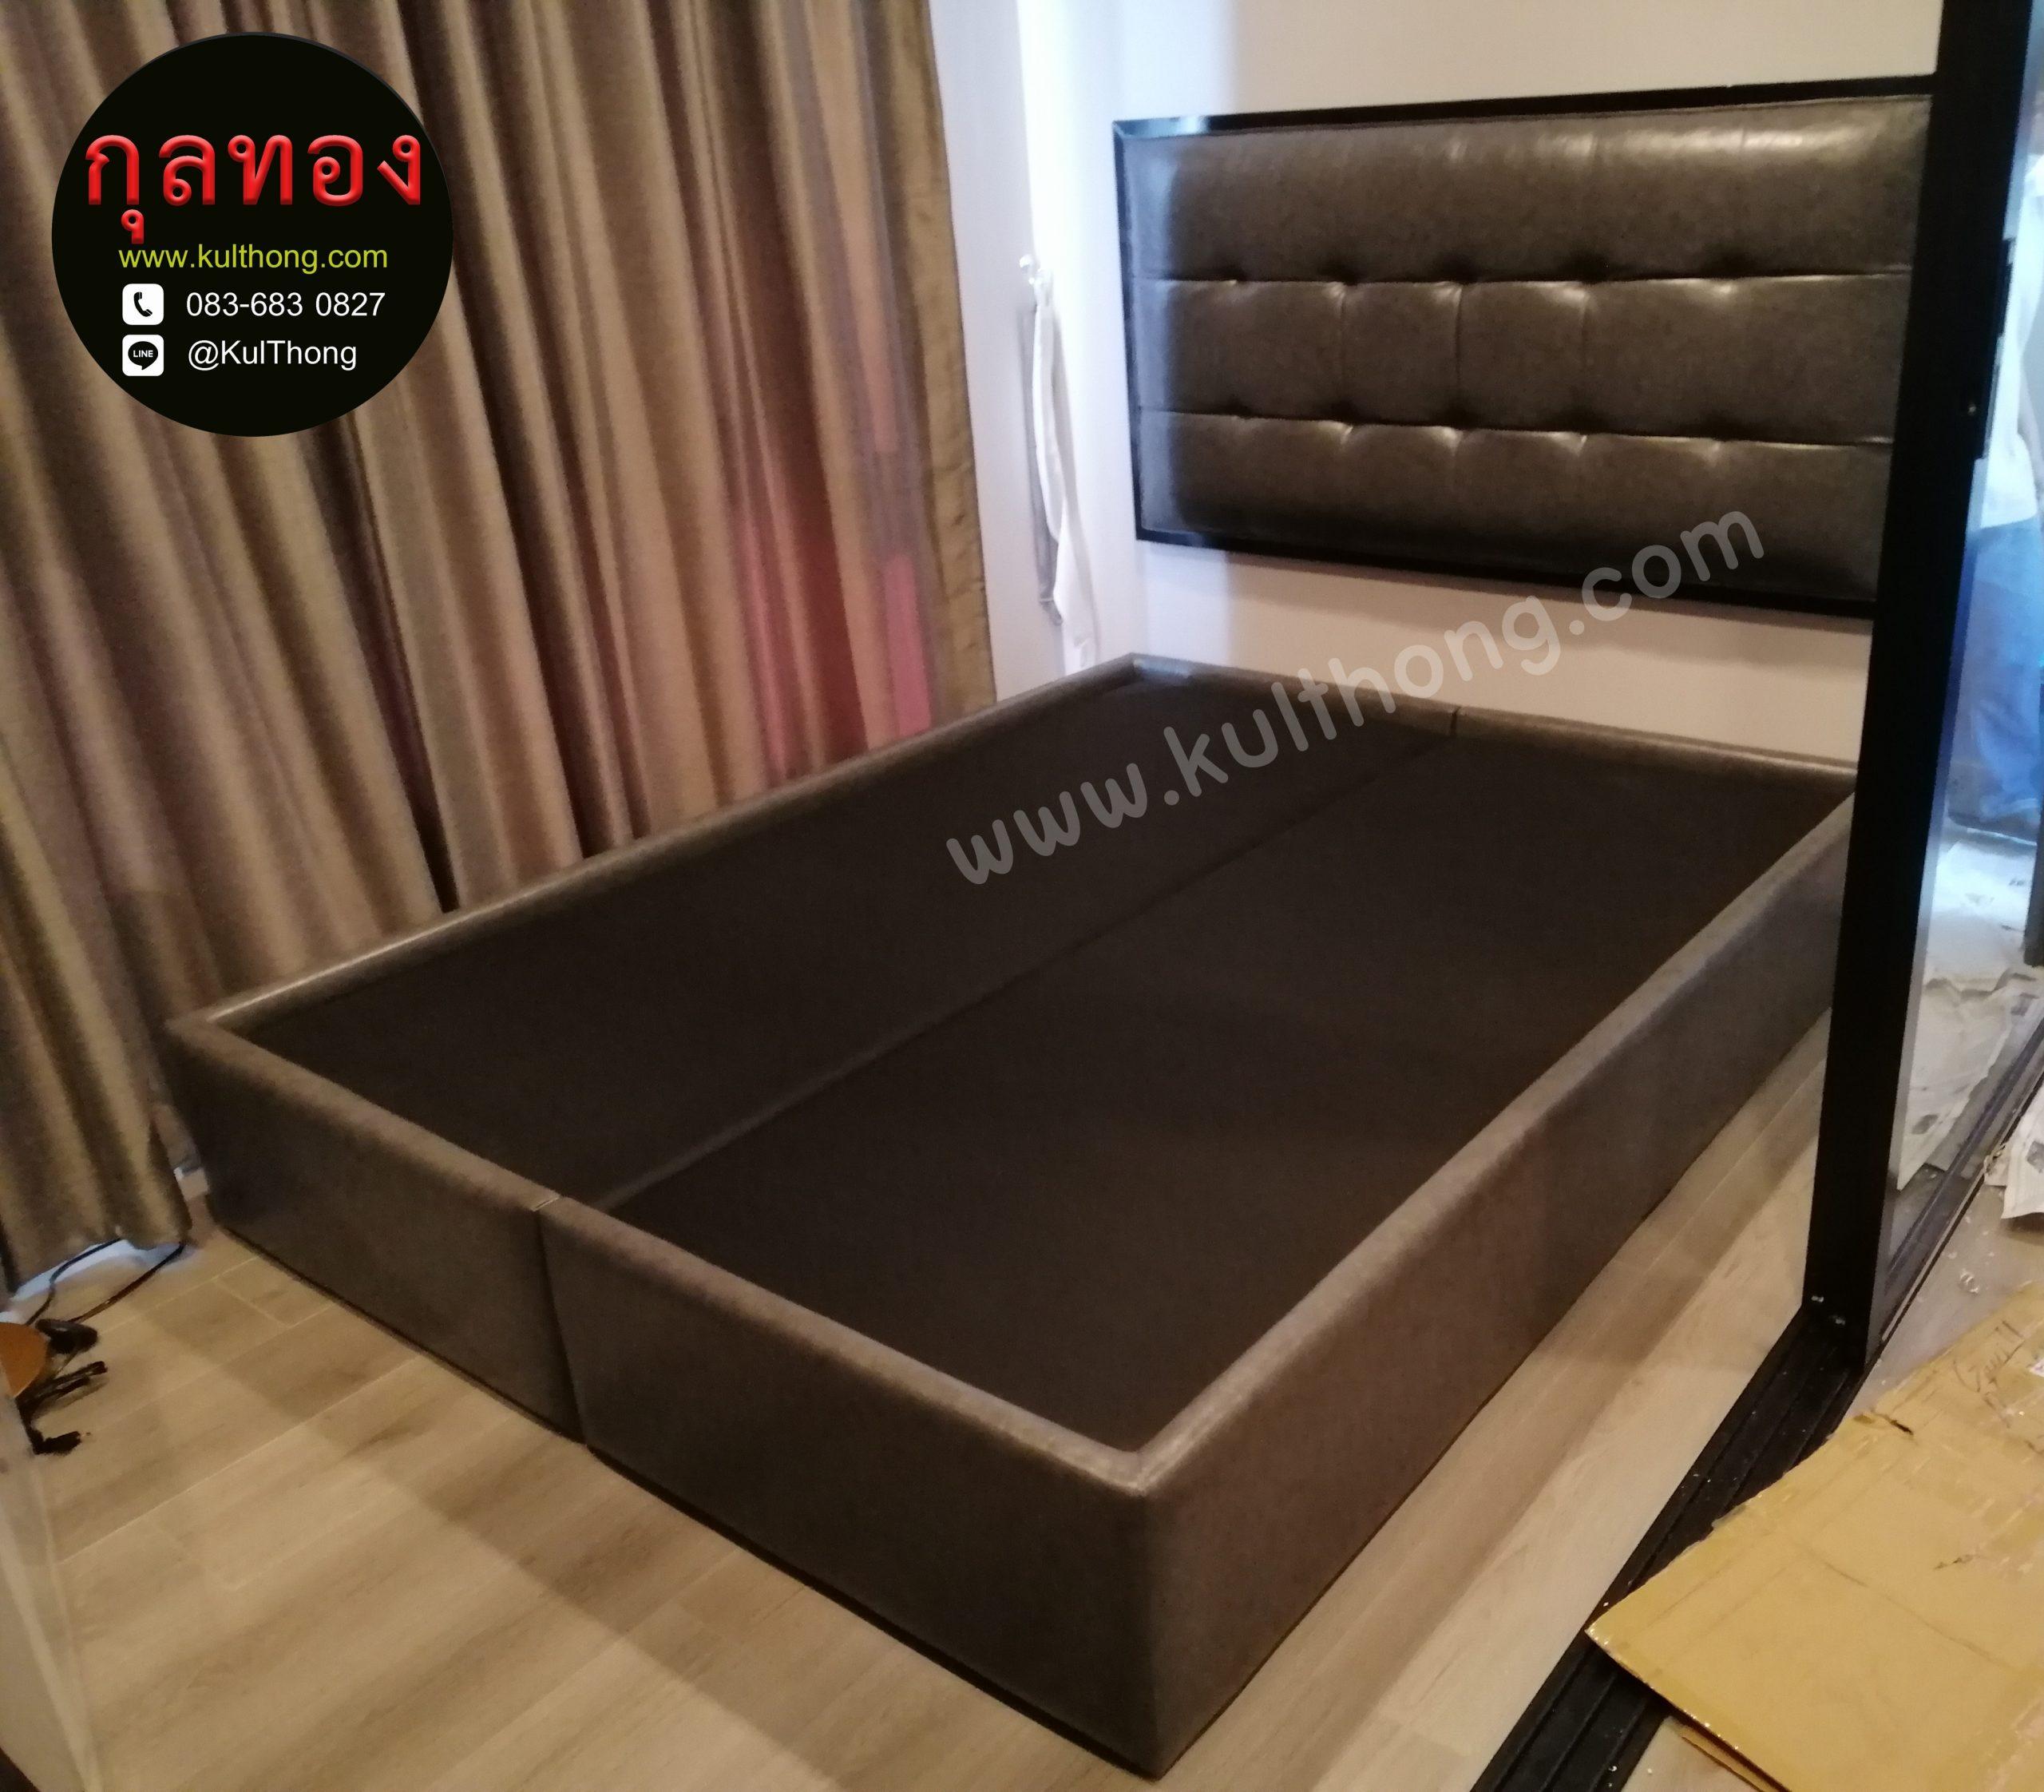 เตียงหุ้มหนัง เตียงบล็อก ฐานรองที่นอน ฐานเตียงนอน